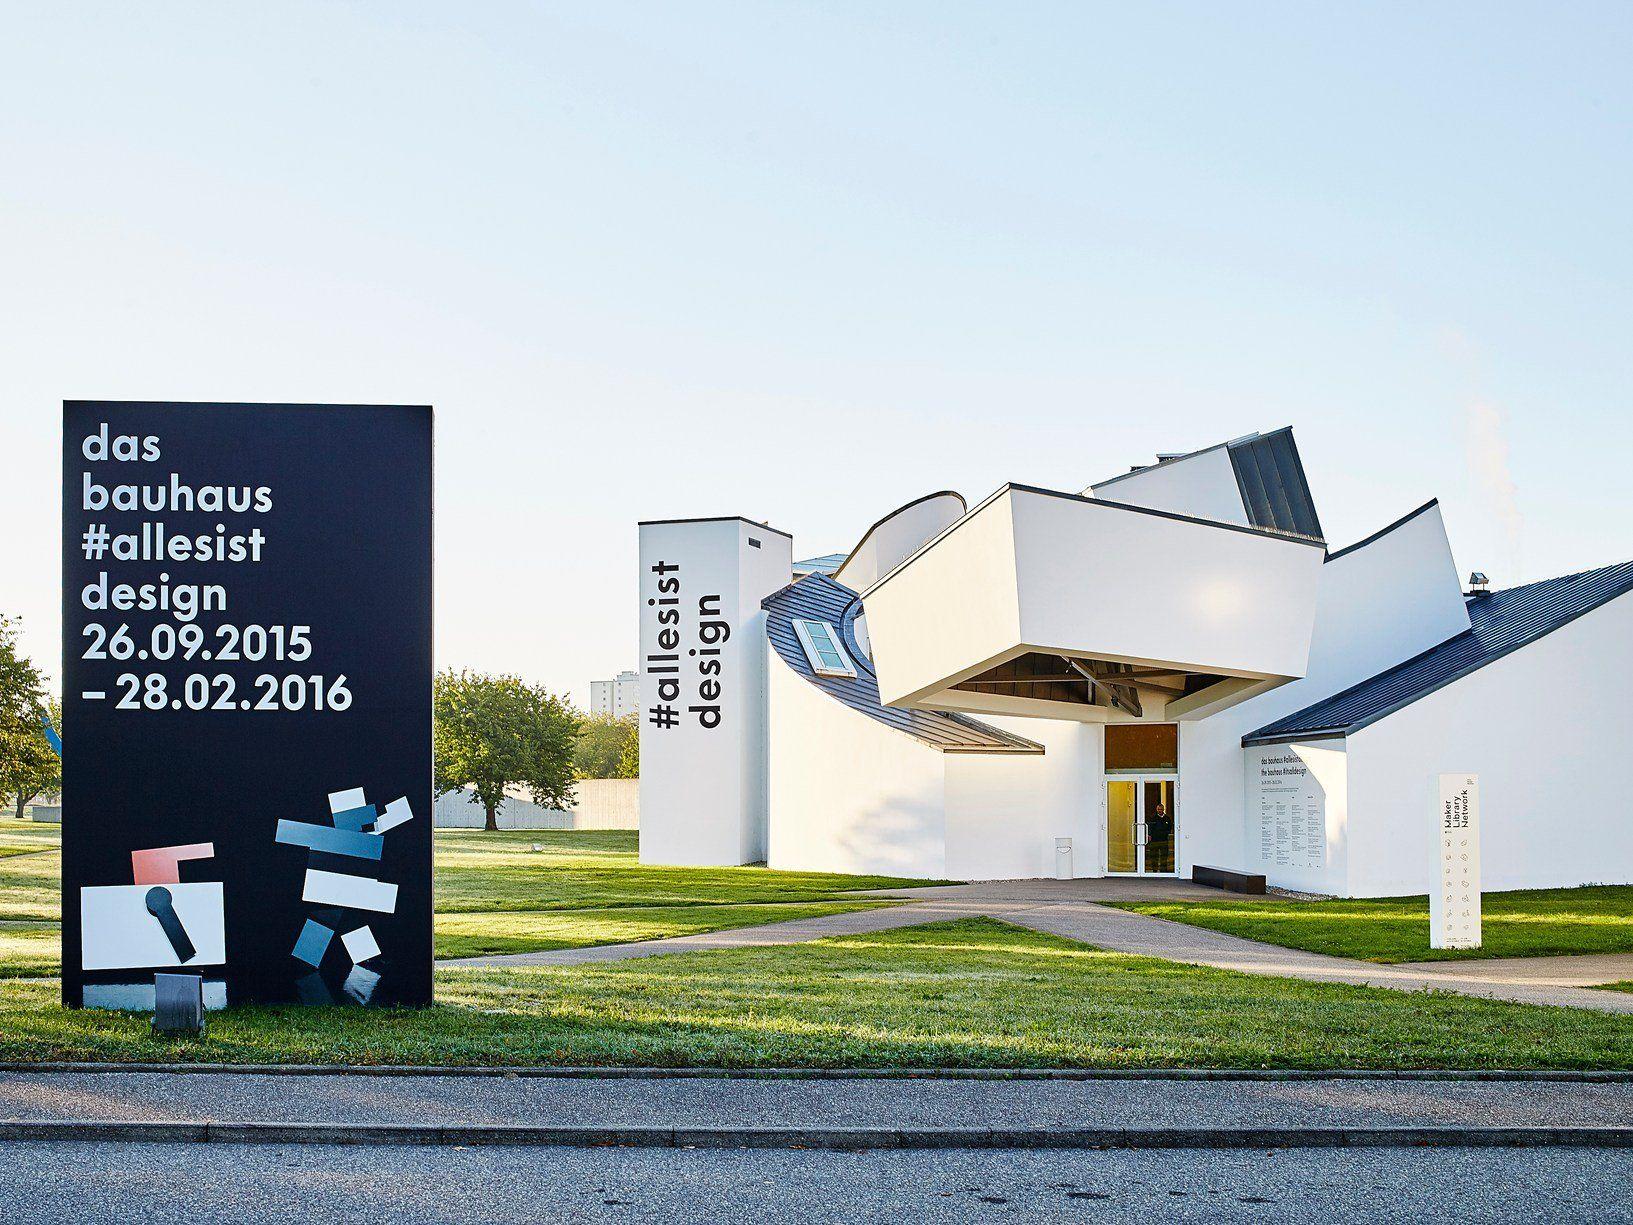 #itsalldesign: l'incredibile eredità del design di impronta Bauhaus